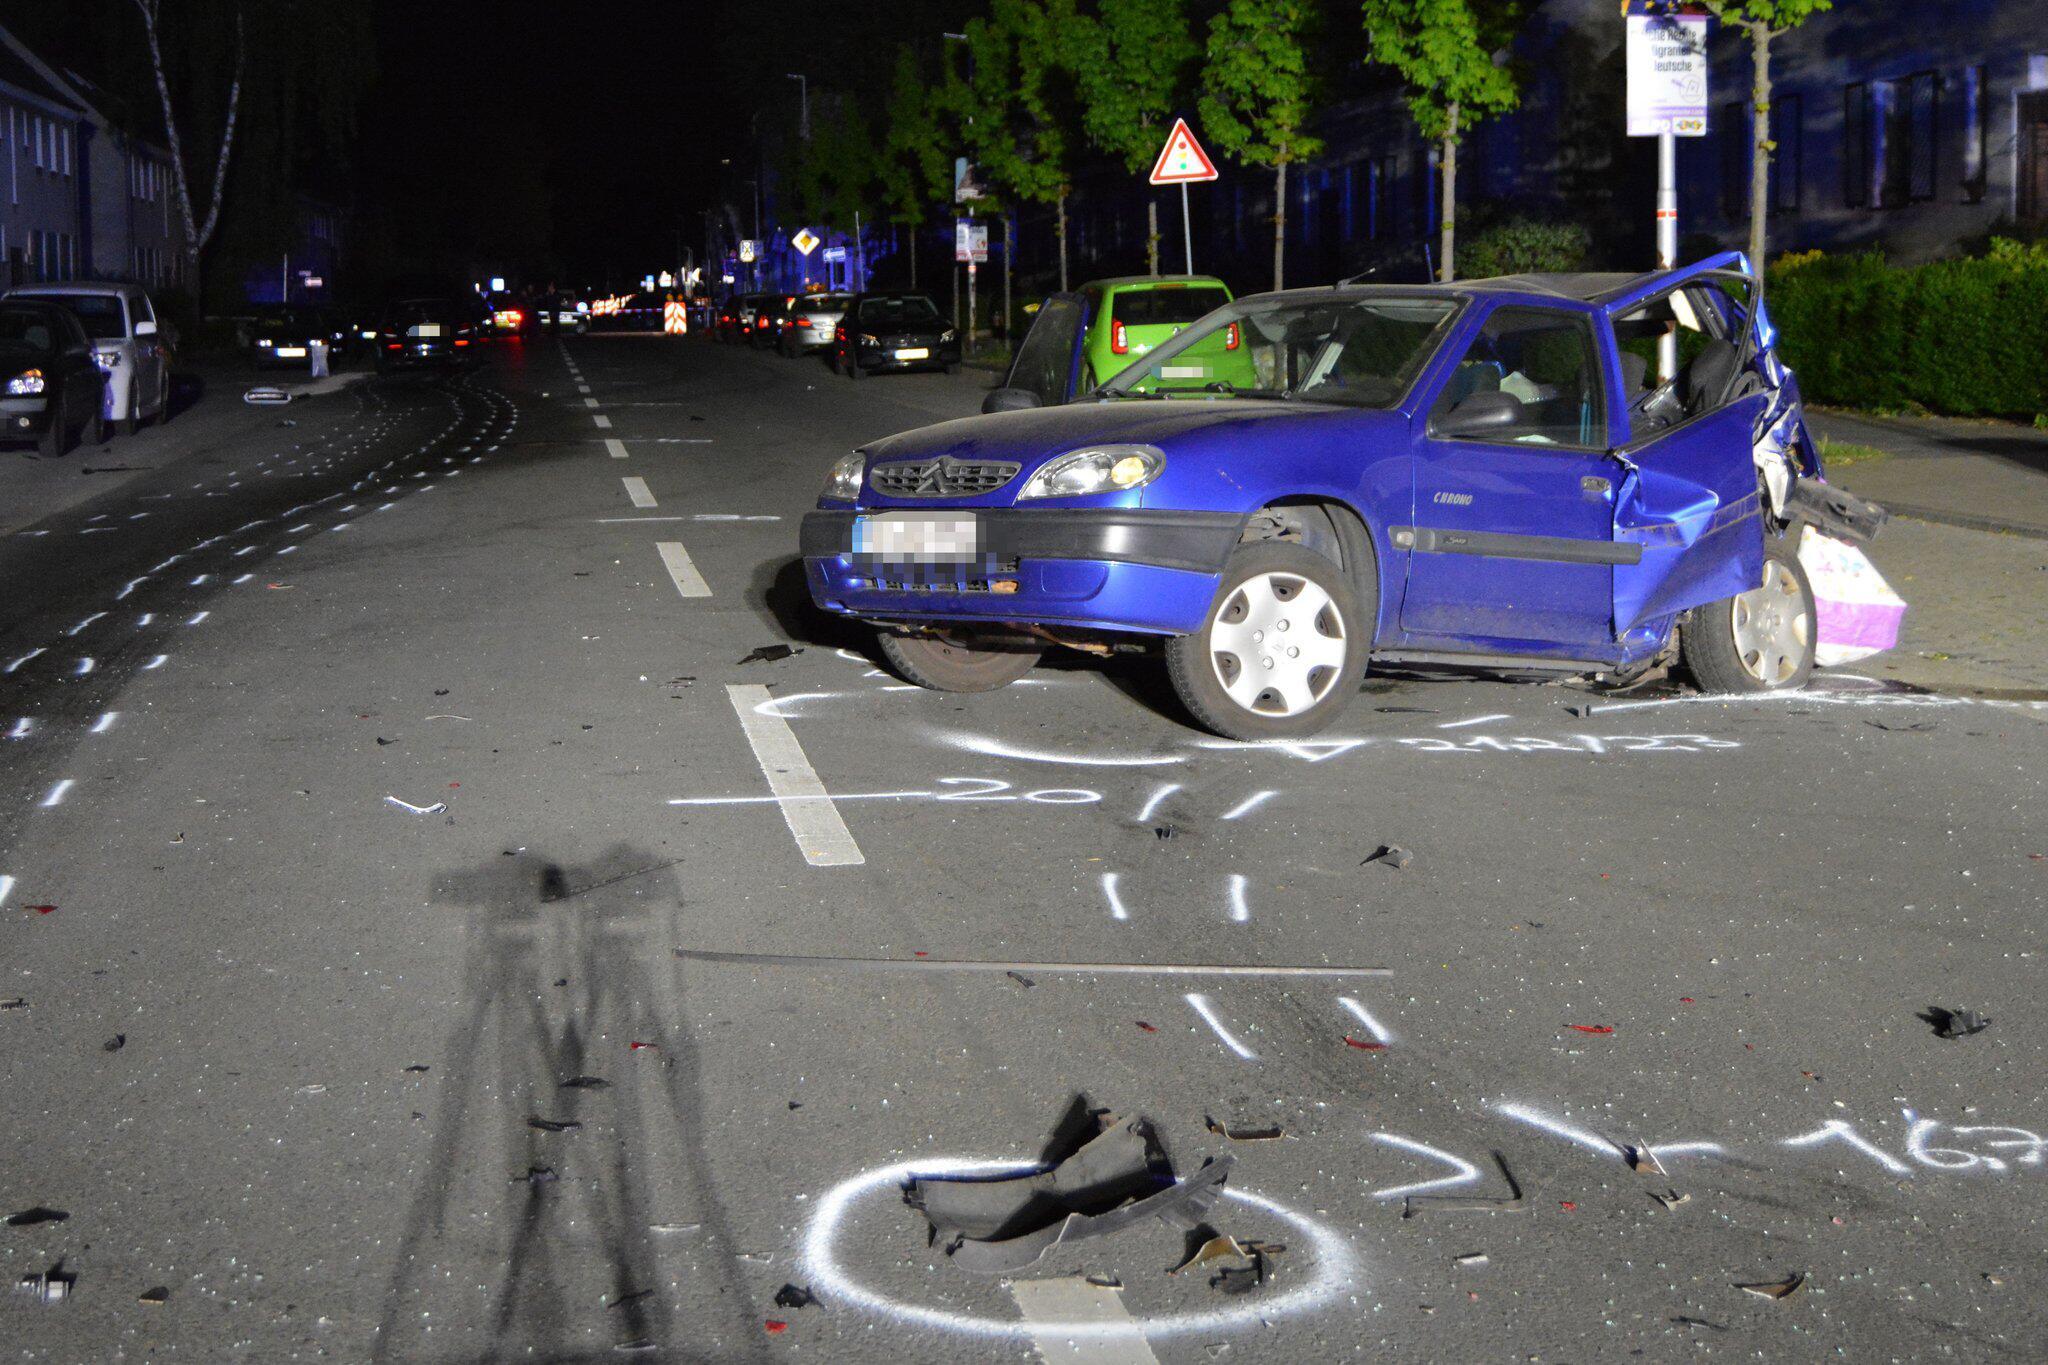 Bild zu Unfall bei mutmaßlichem Autorennen